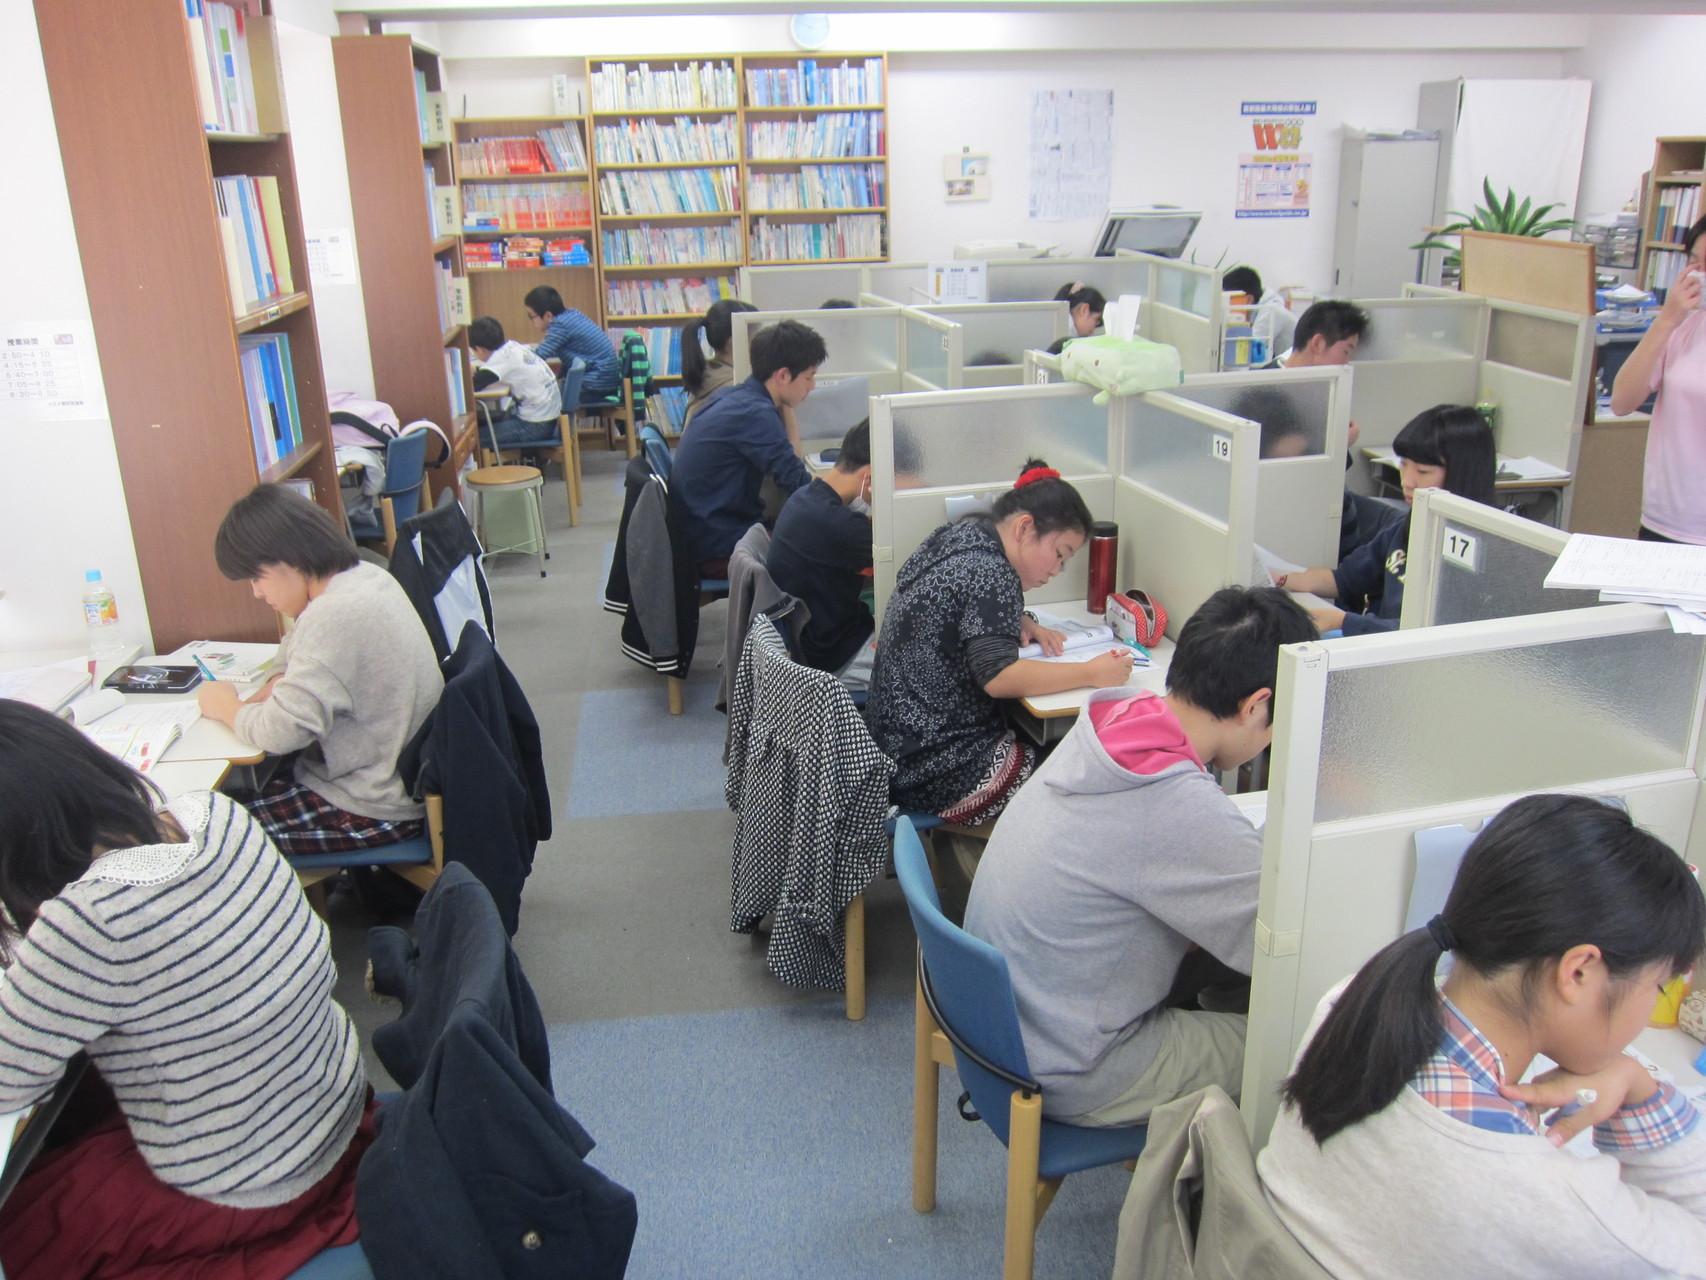 立川教室 の画像5